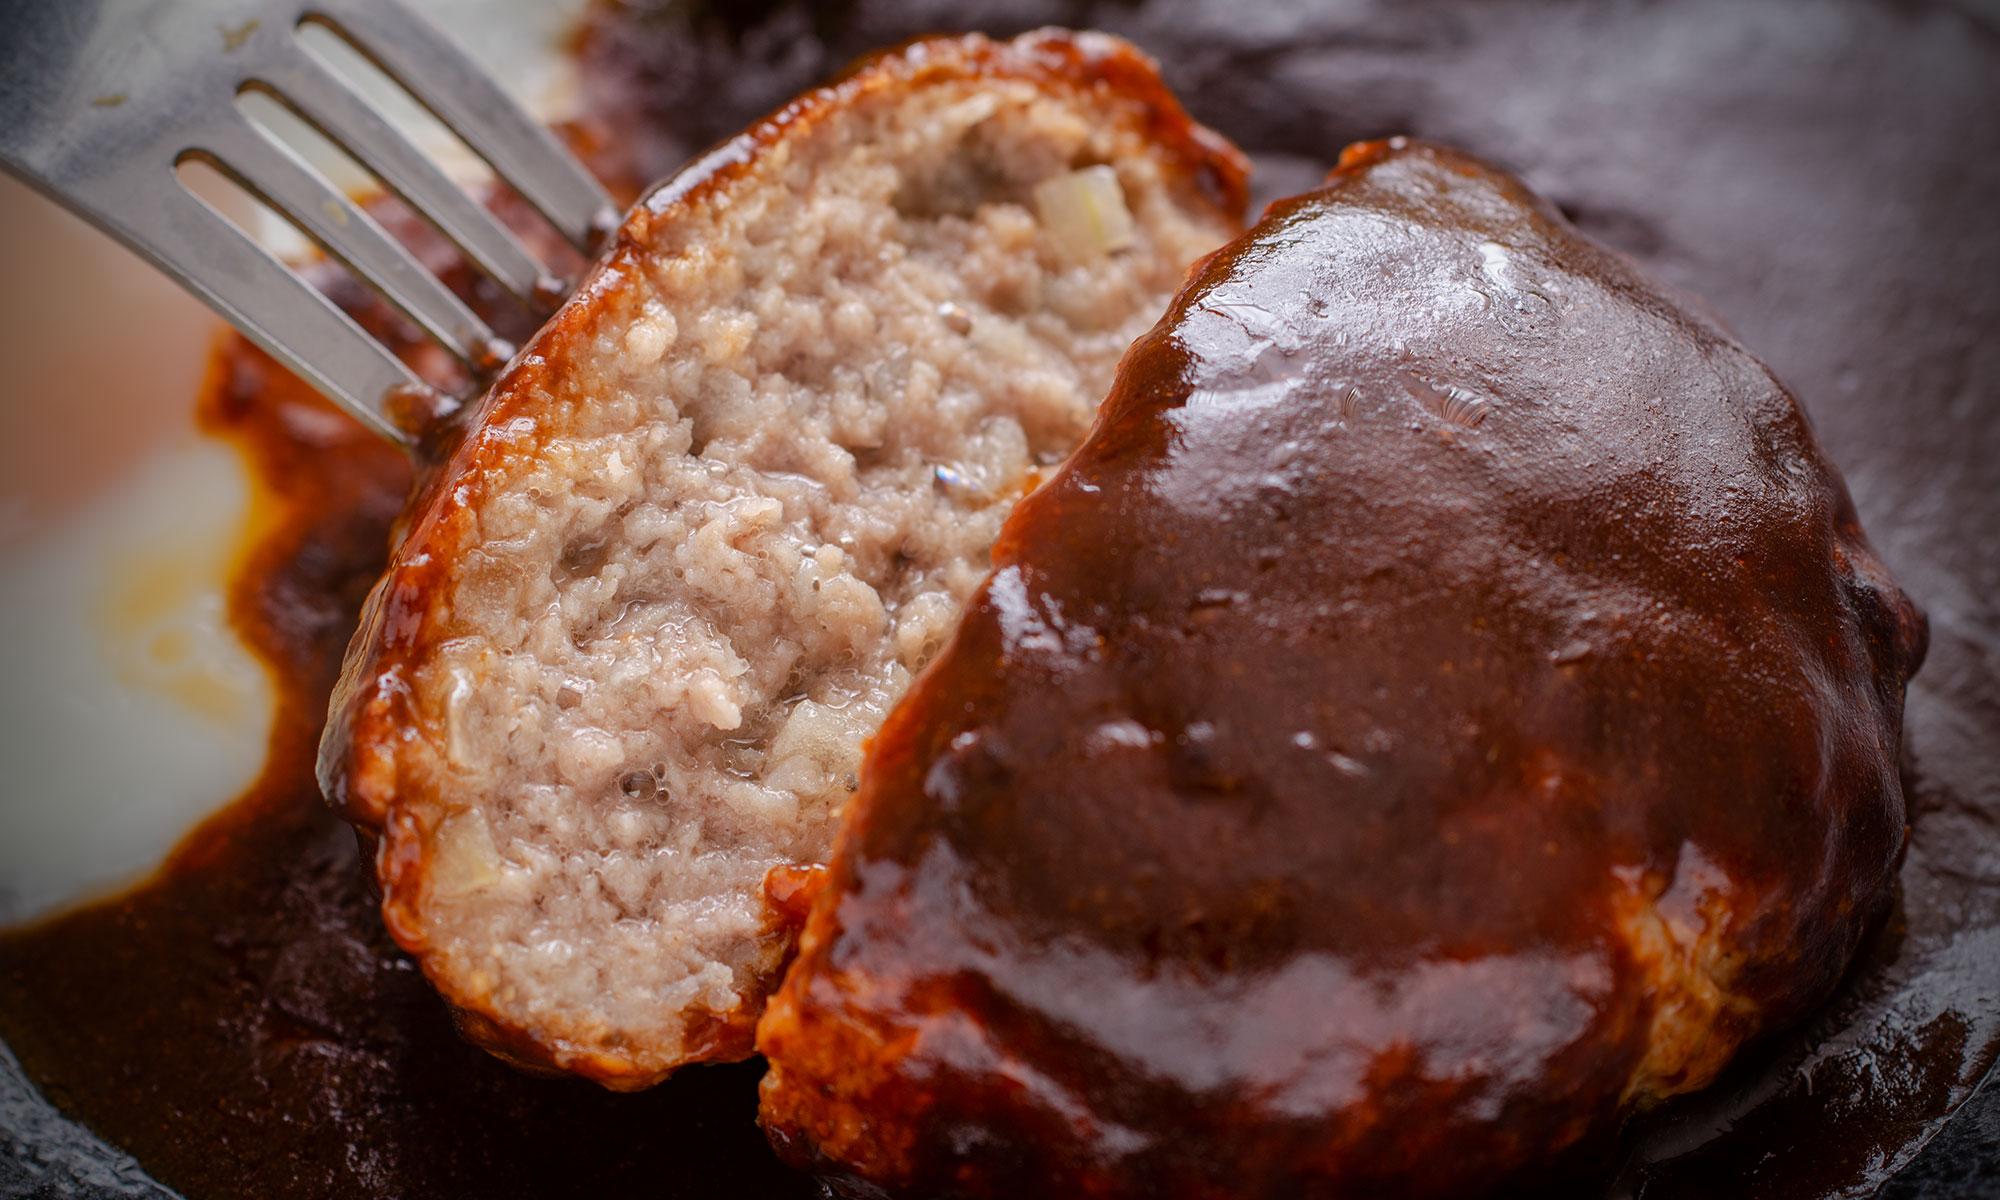 味の素「洋食亭」ハンバーグの肉汁をたっぷり含んだ美しい断面 撮影:NIKON D7000 + SIGAMA 50mm